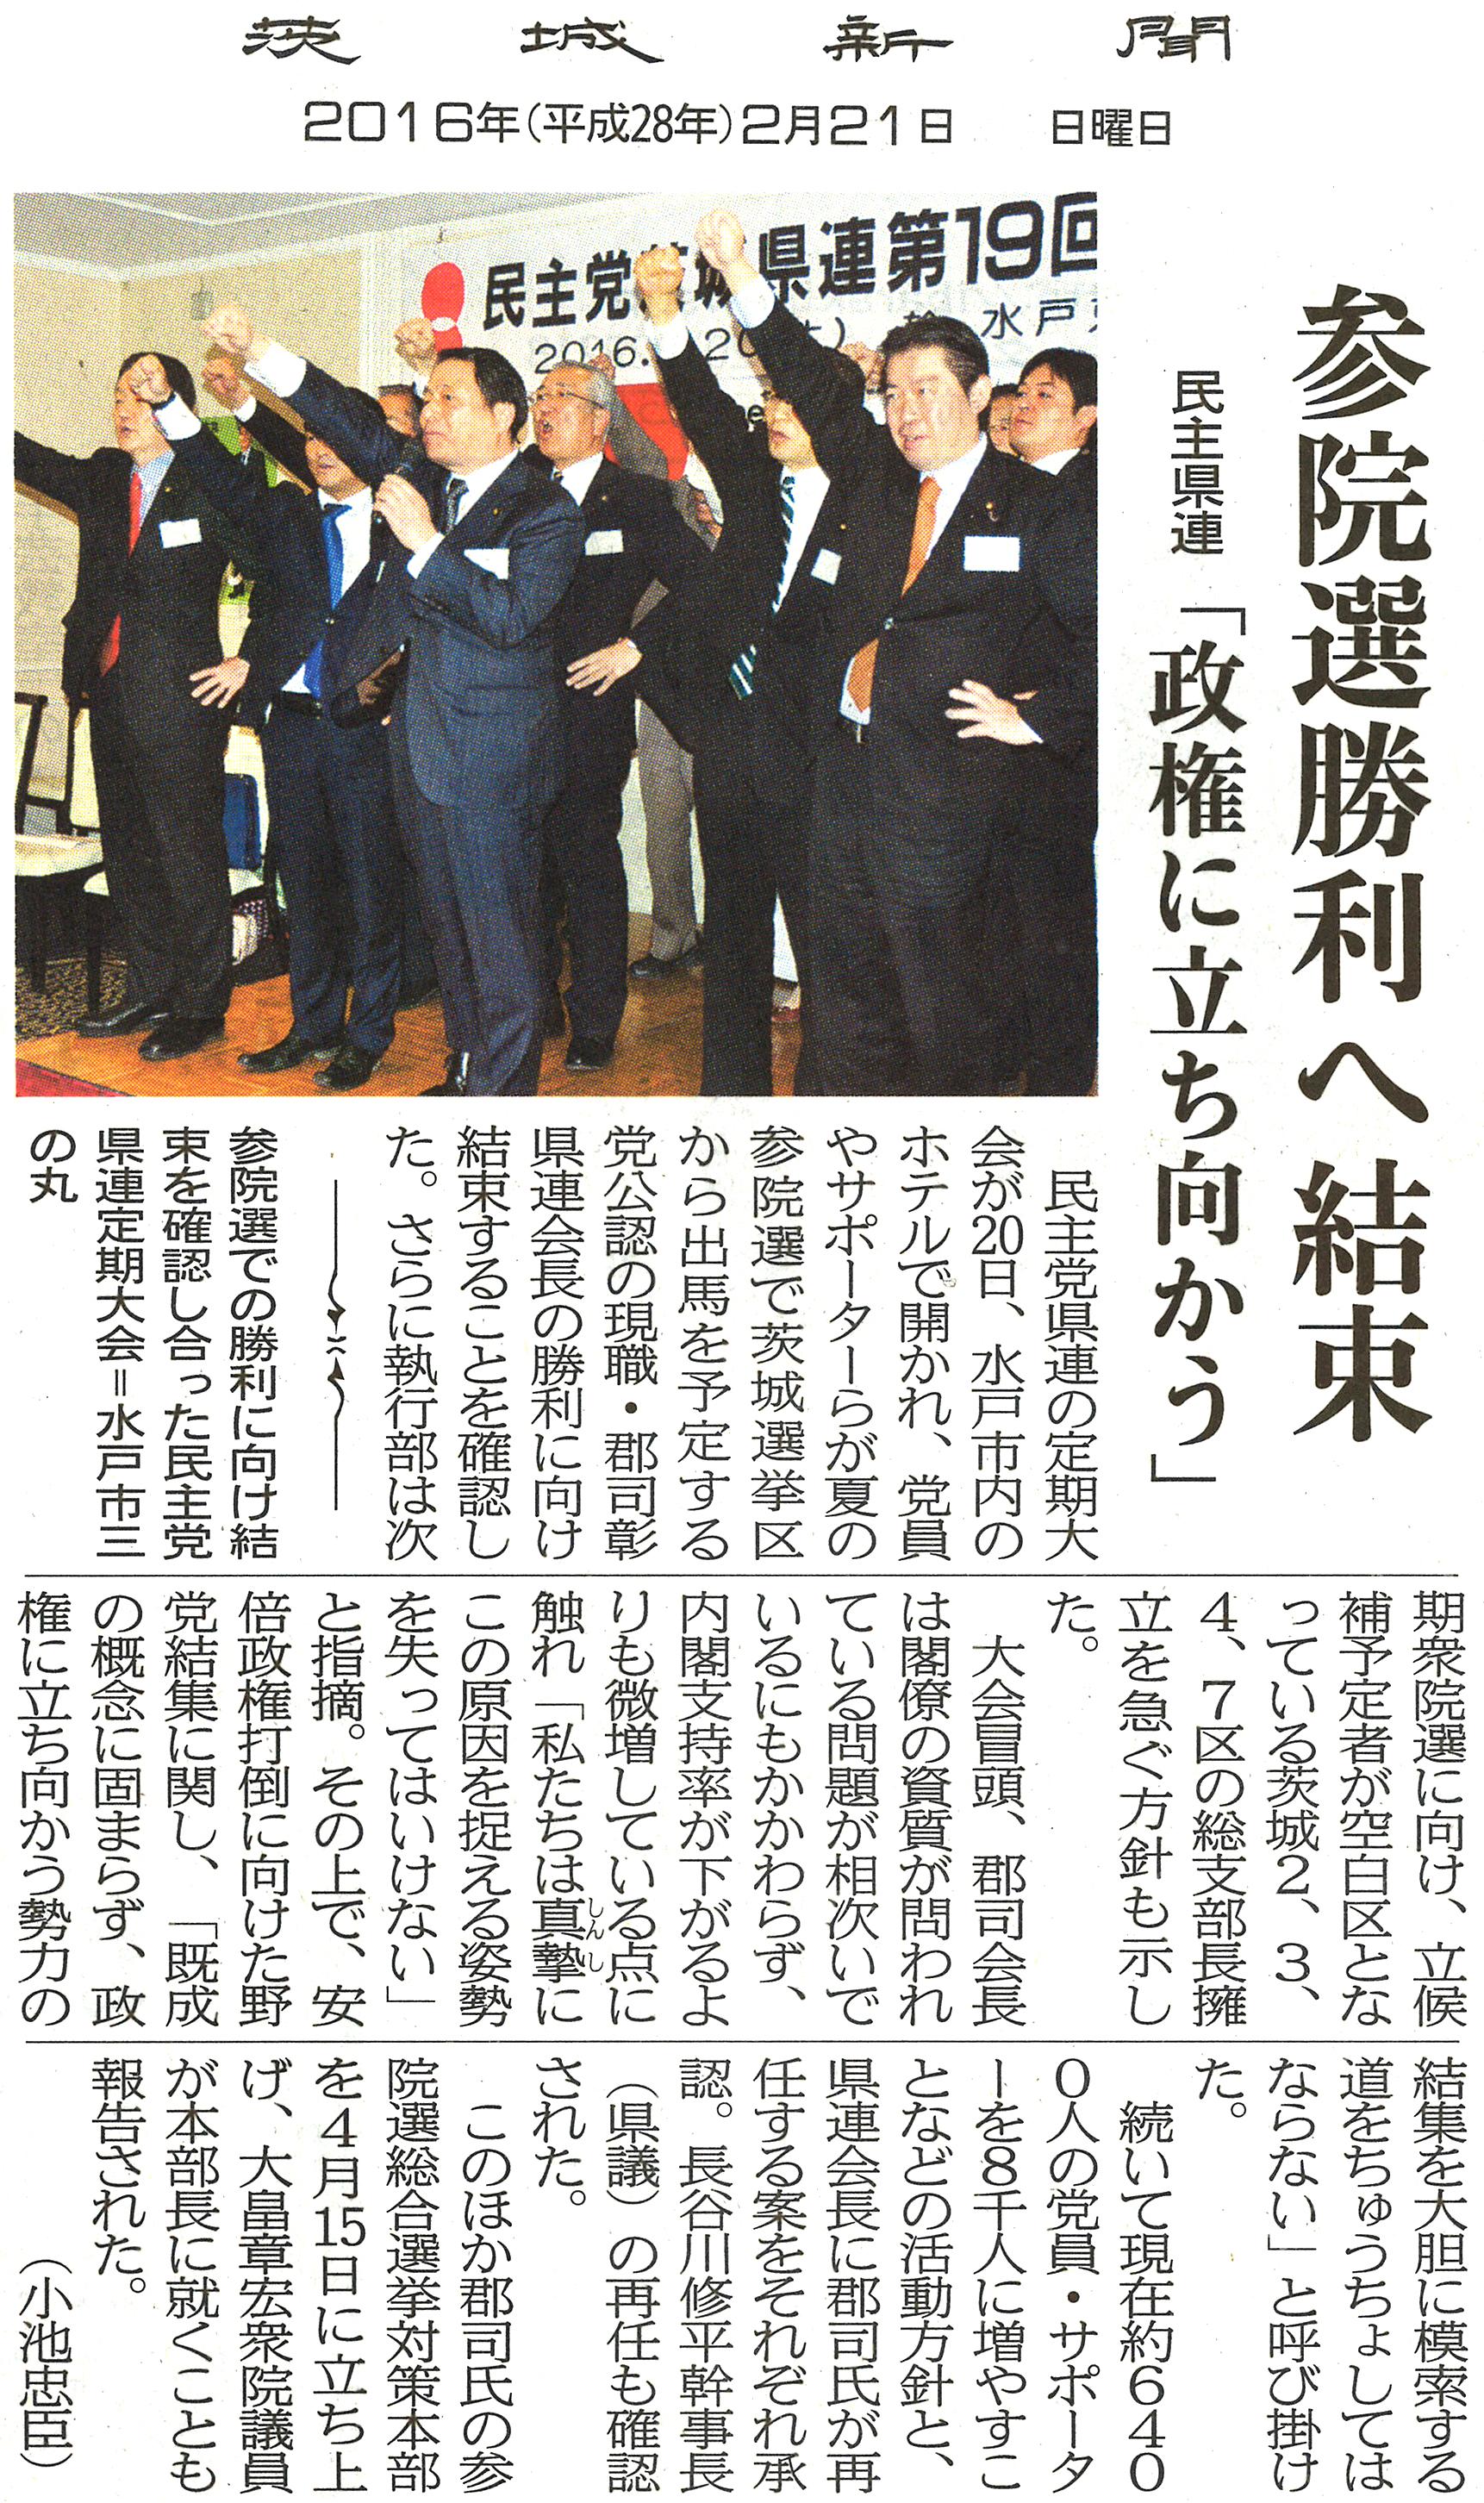 【茨城新聞】参院選勝利へ結束 「政権に立ち向かう」